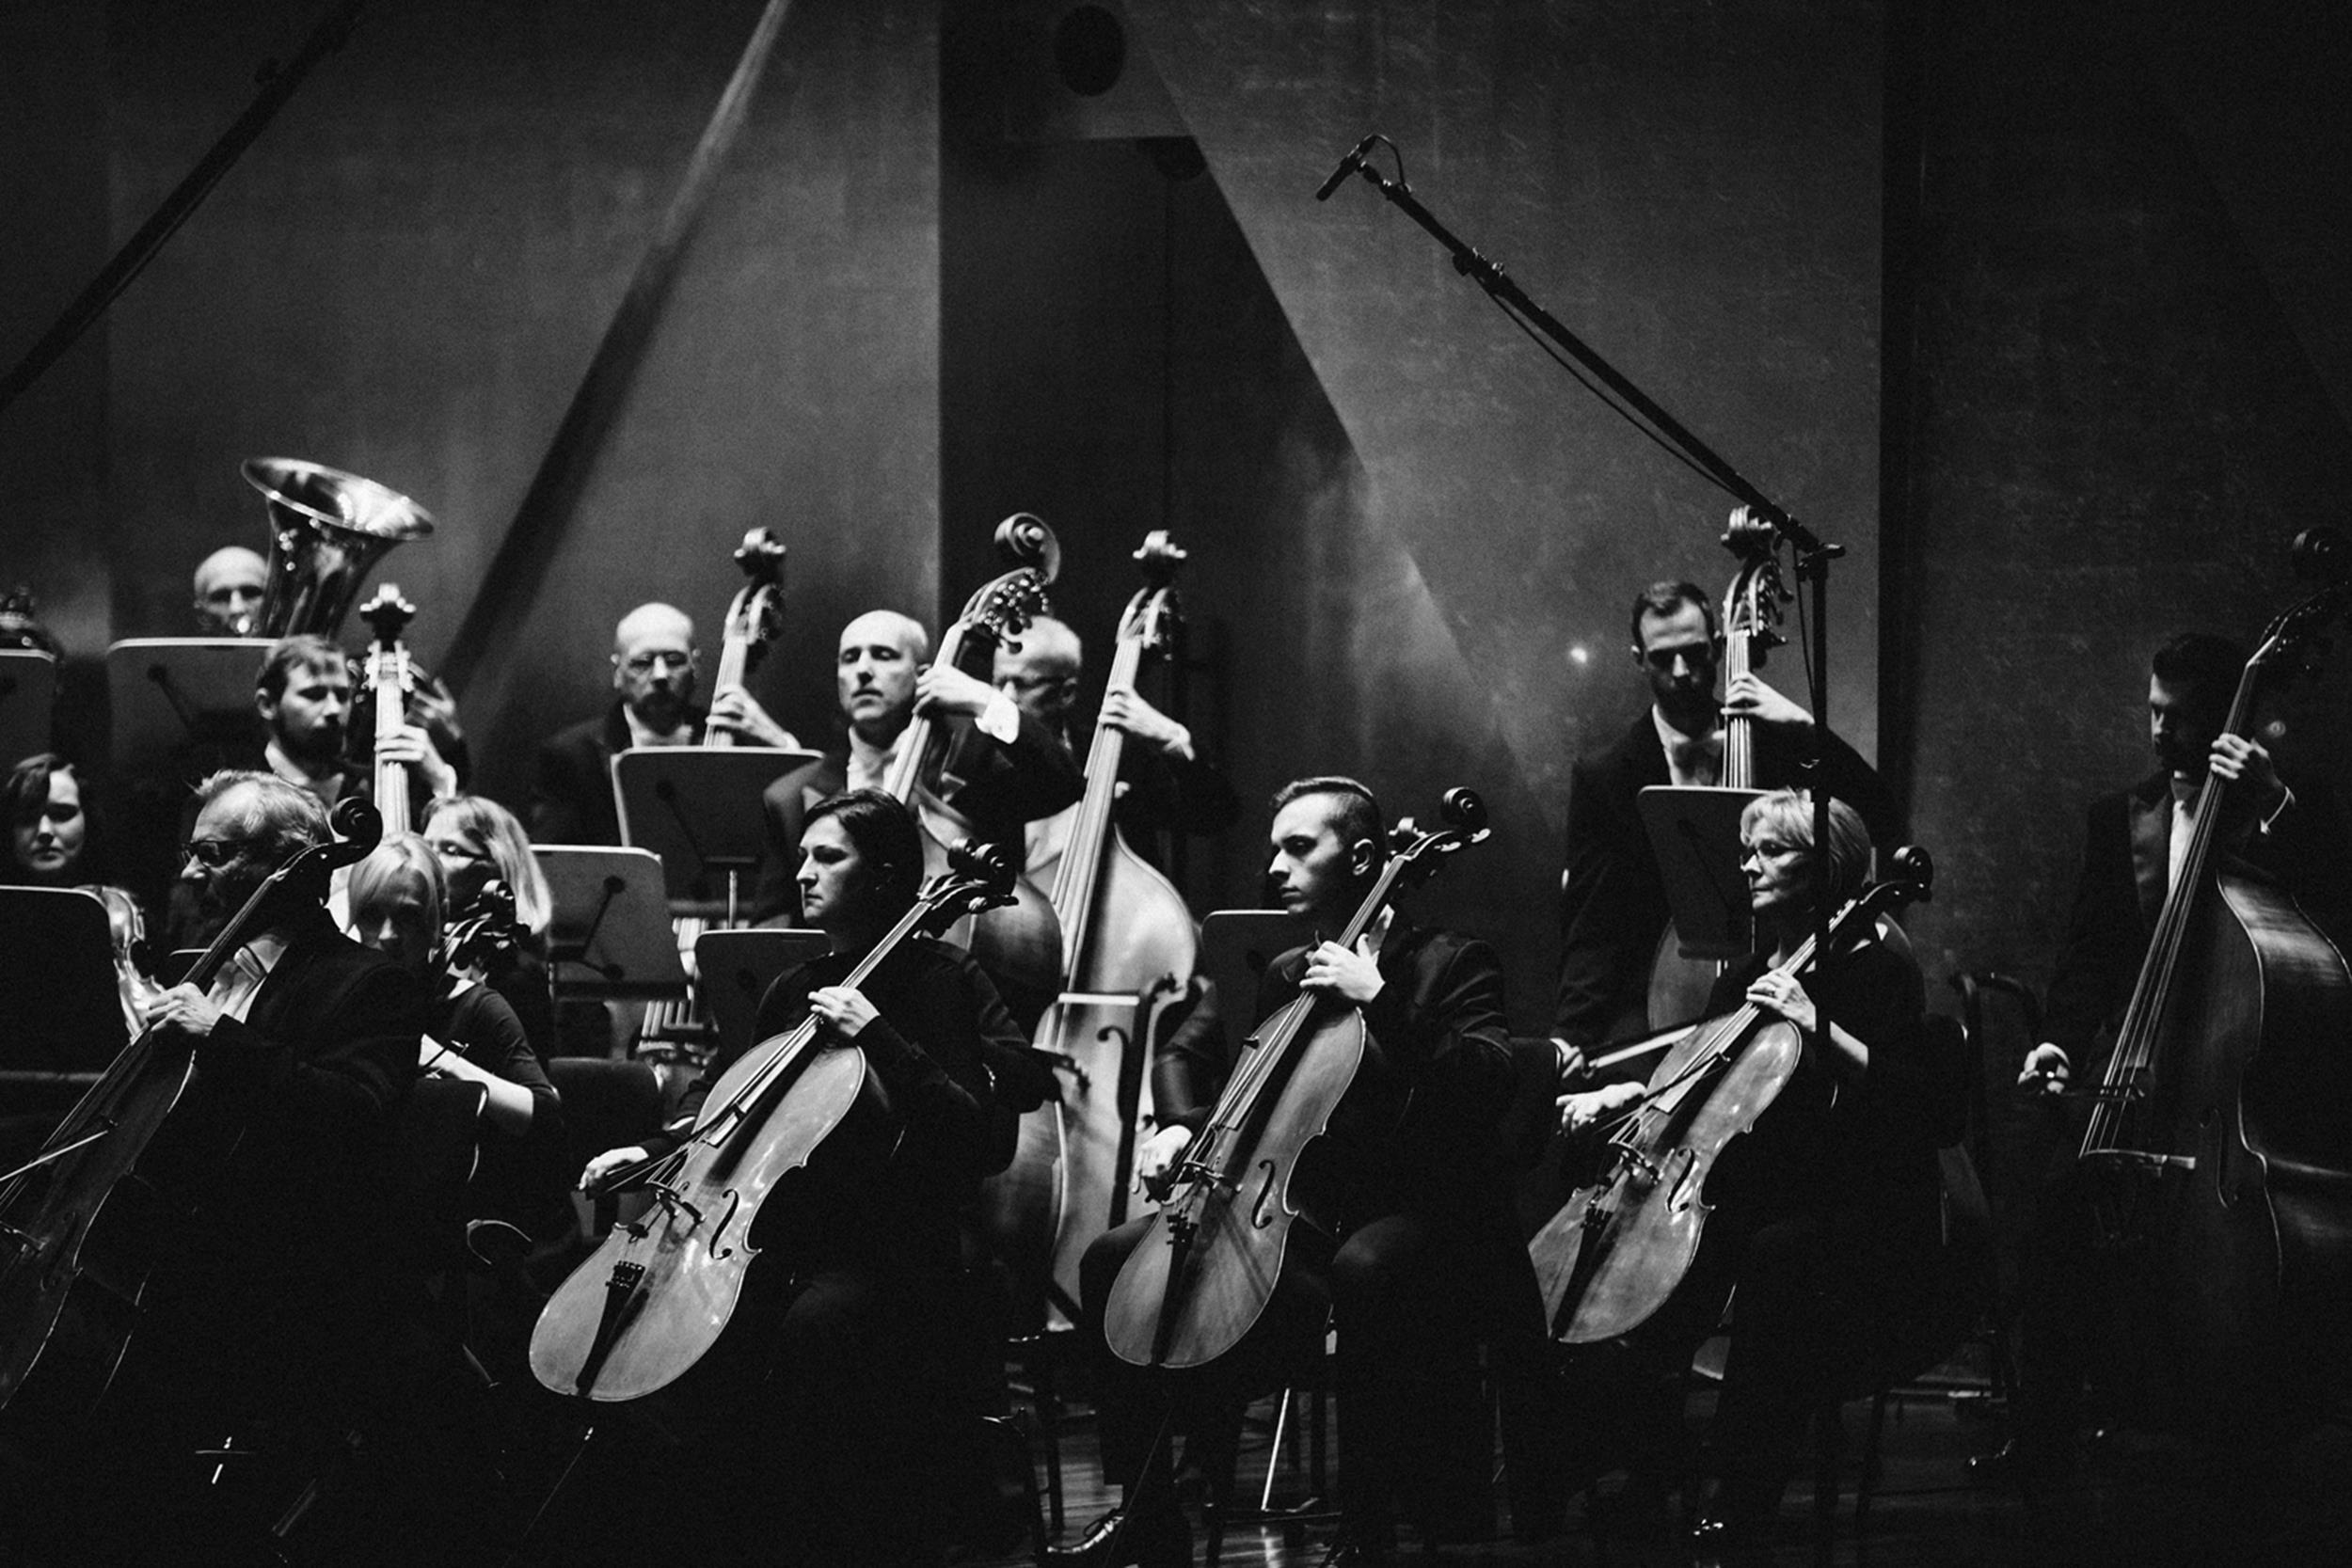 Orkiestra Filharmonii w Szczecinie Fot. Kinga Karpati&Daniel Zarewicz PRESTIGE PORTRAIT